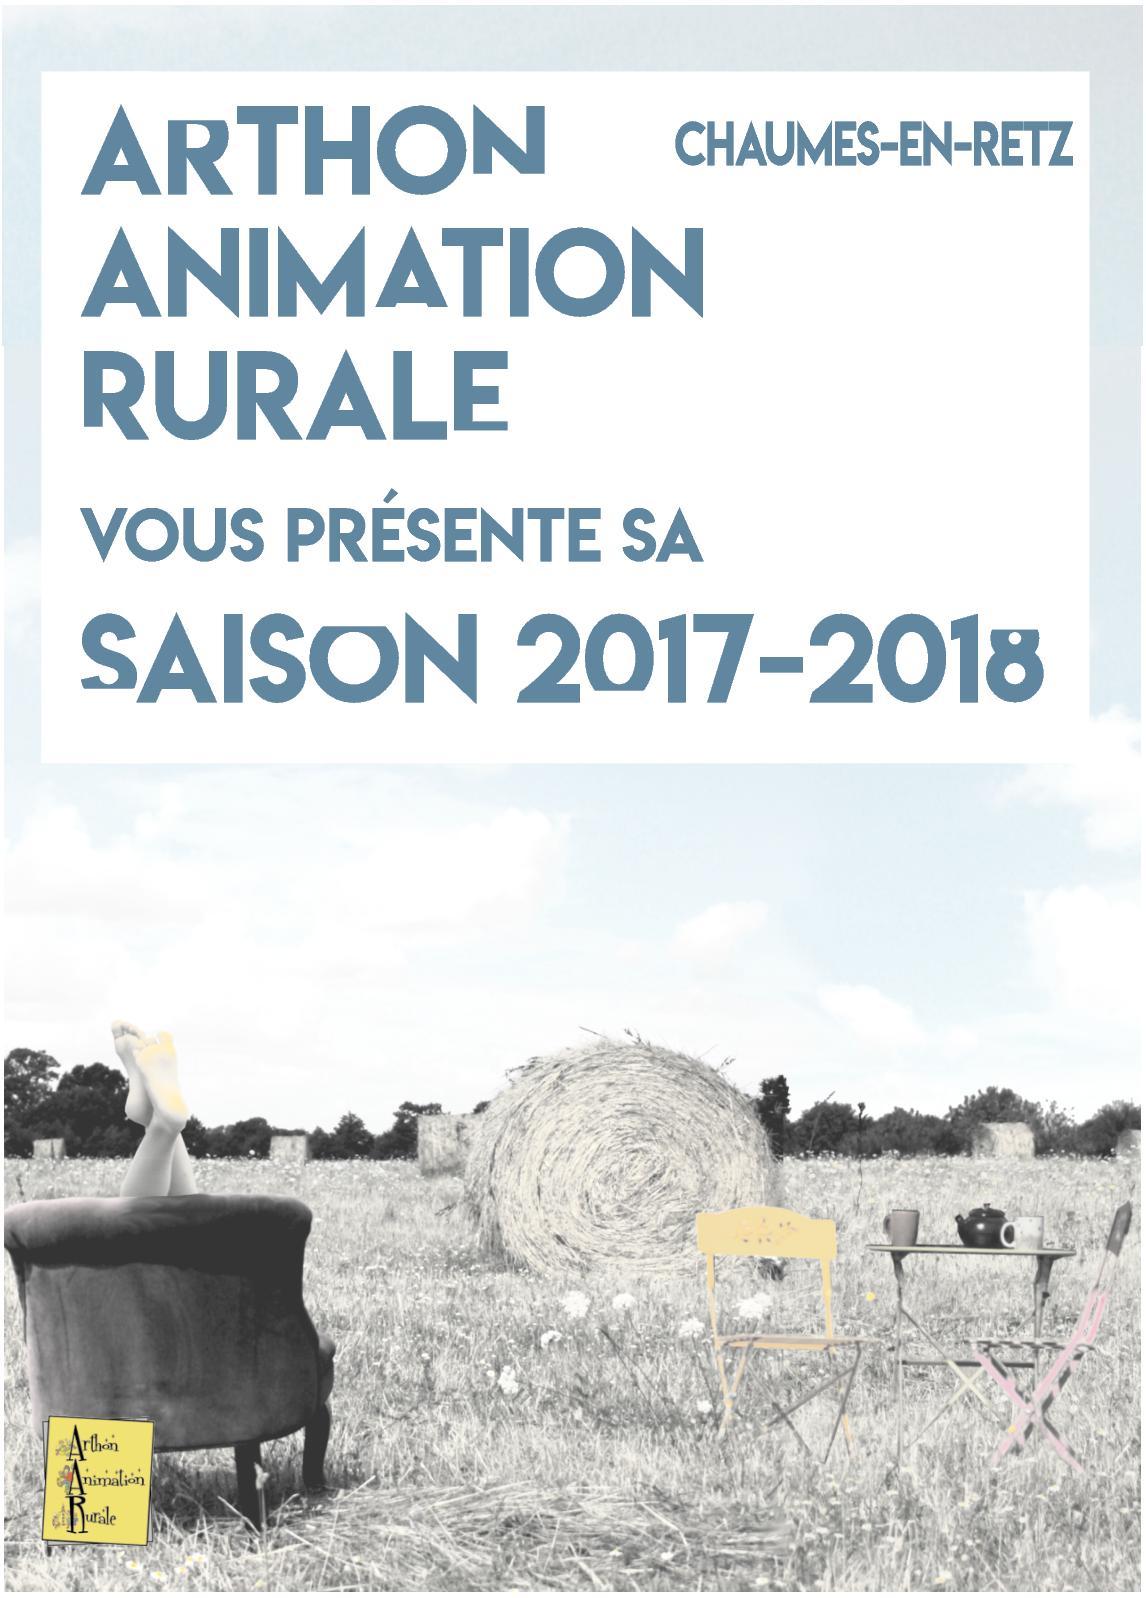 Ma Maison Ma Deco Arthon calaméo - dates aar culture et rencontres 2017 2018